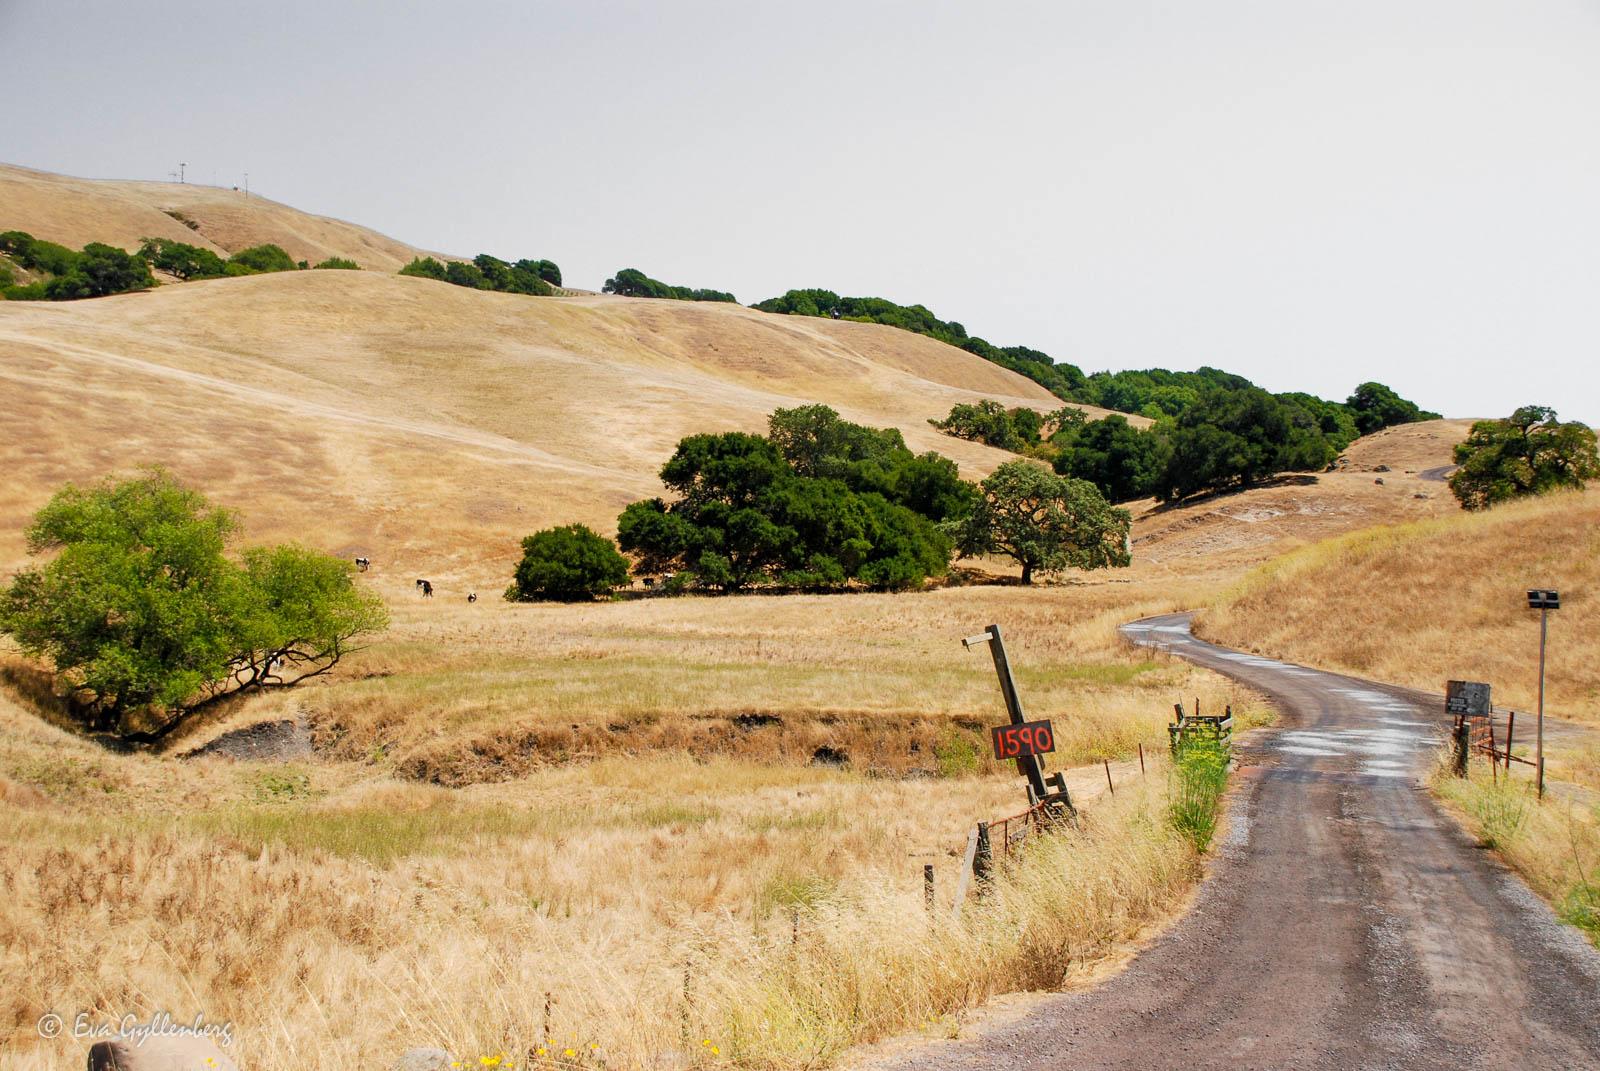 Bildsemester del 1 - Kalifornien i bilder 25